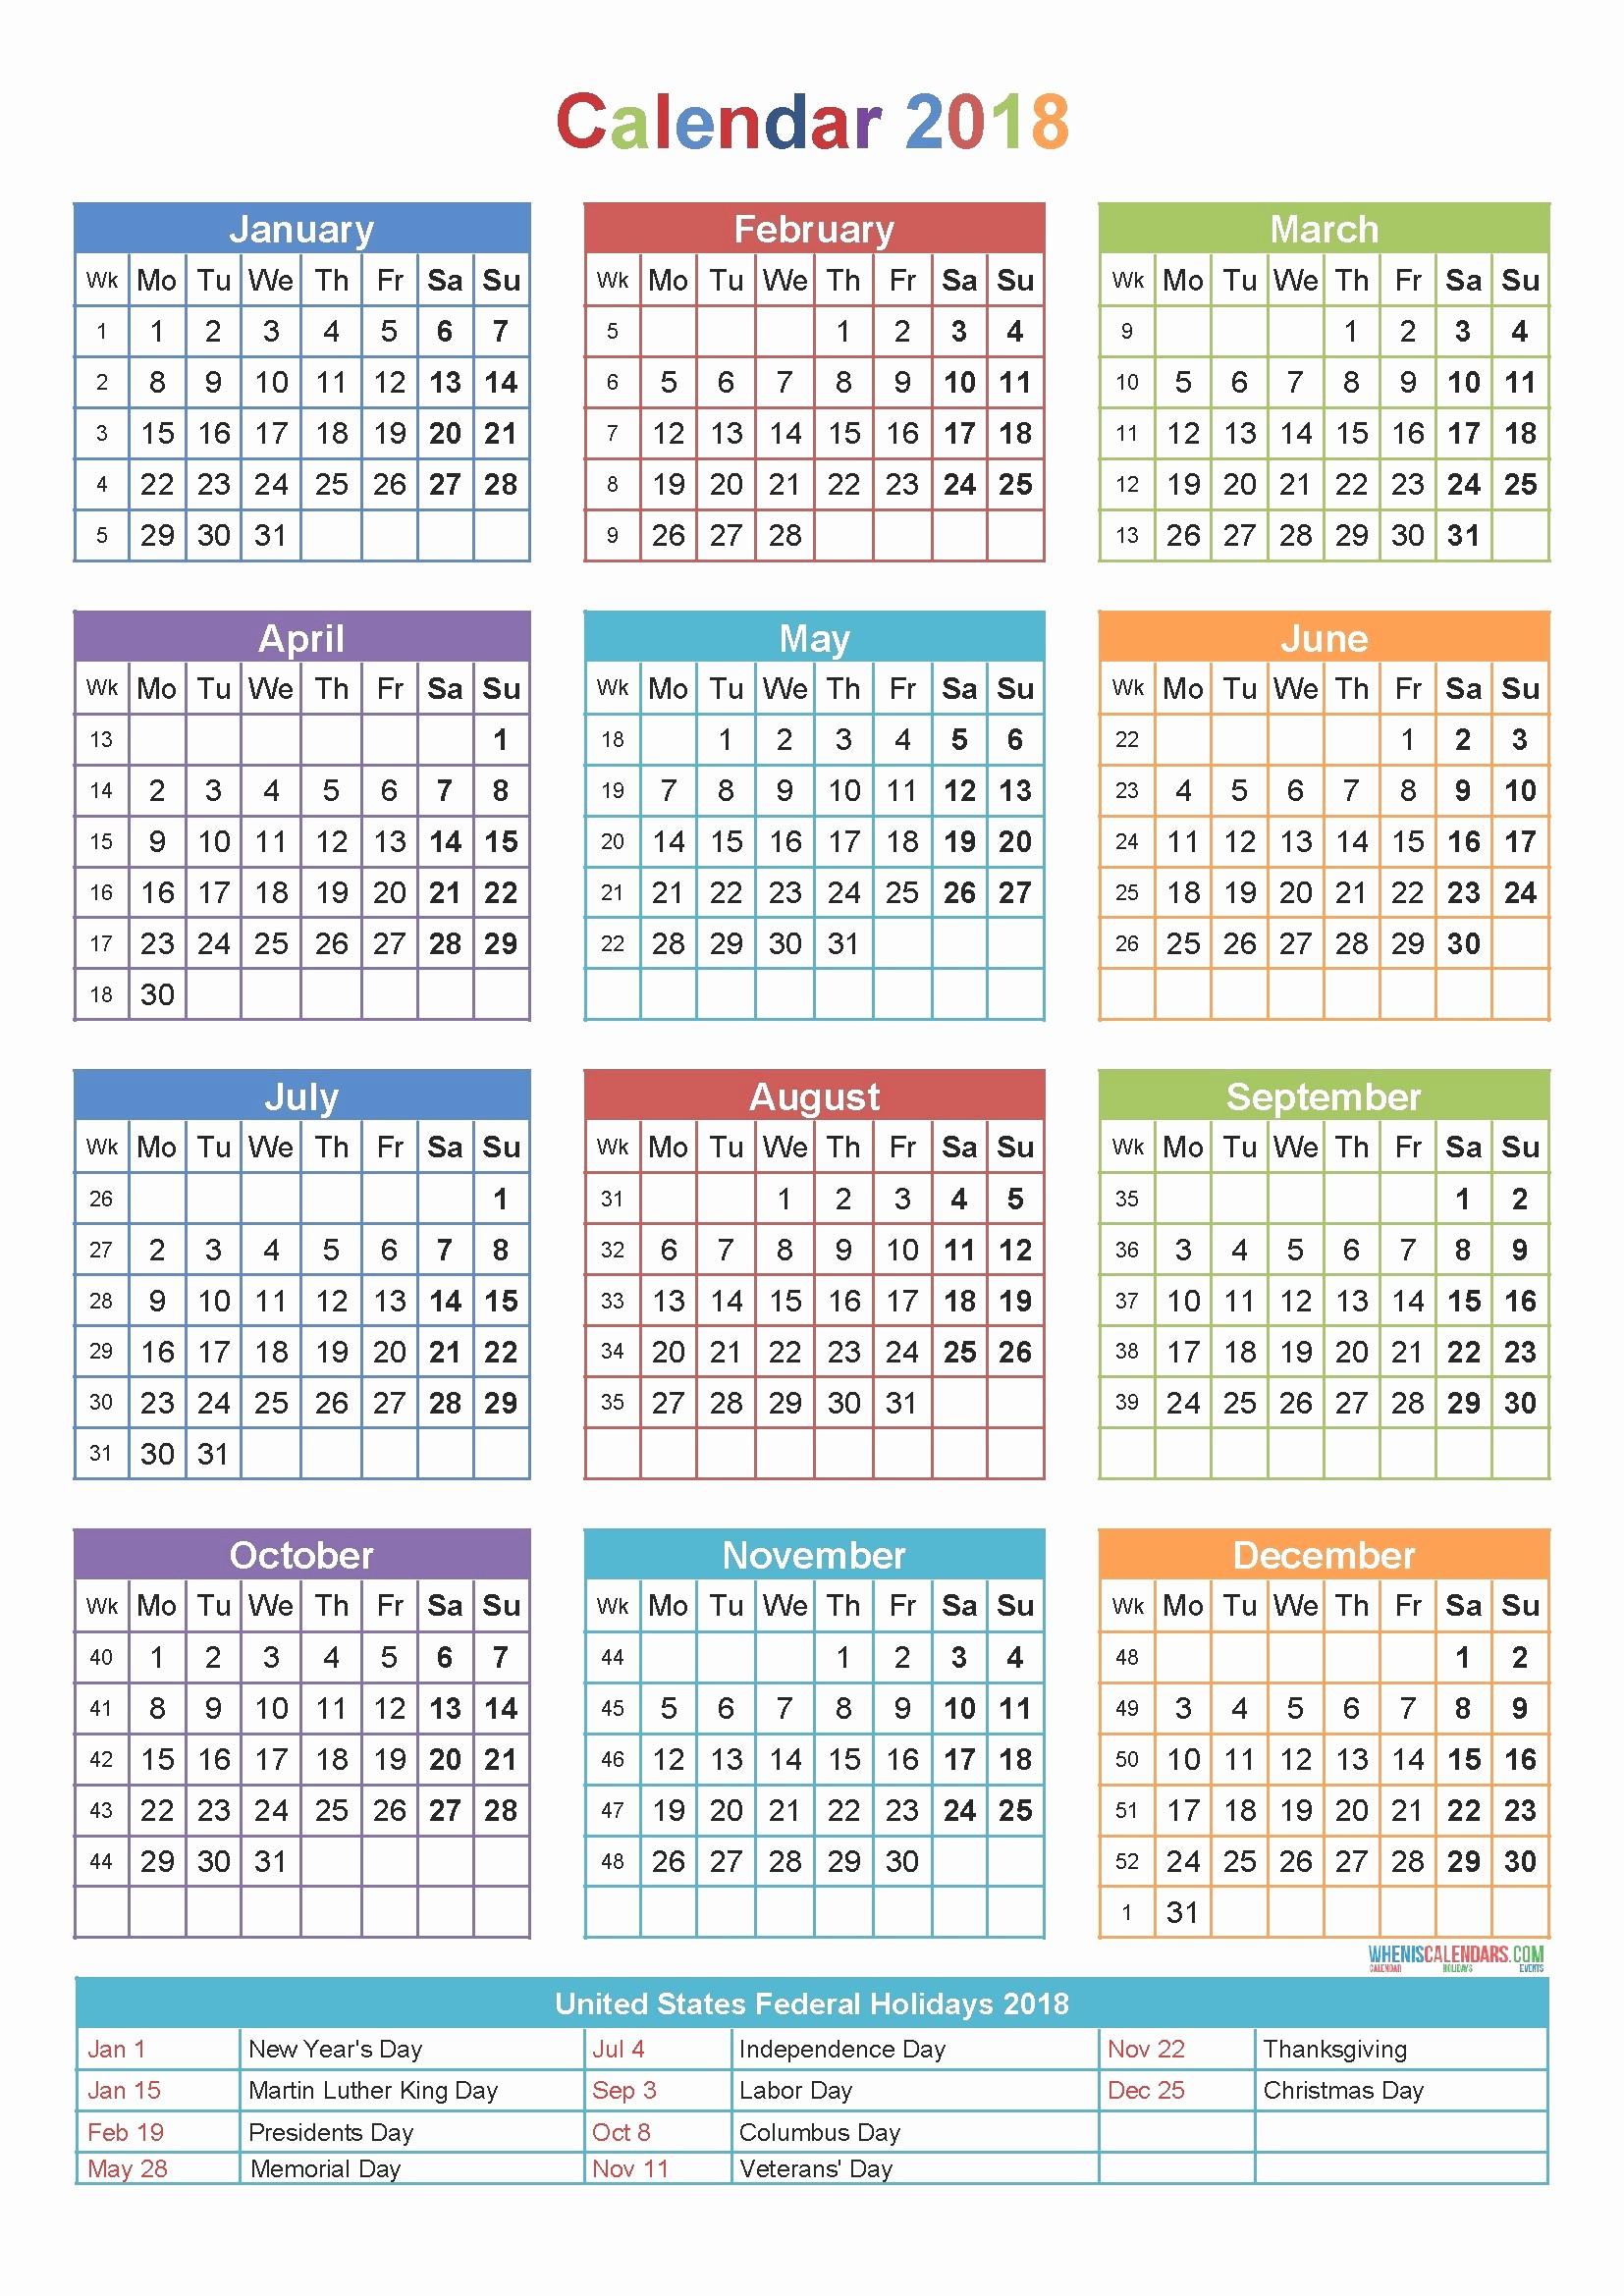 Kalender 2016 Mit Feiertagen Pdf Meilleur De 2019 Calendar Template Excel Uk Yearly Calendars 2018 Free